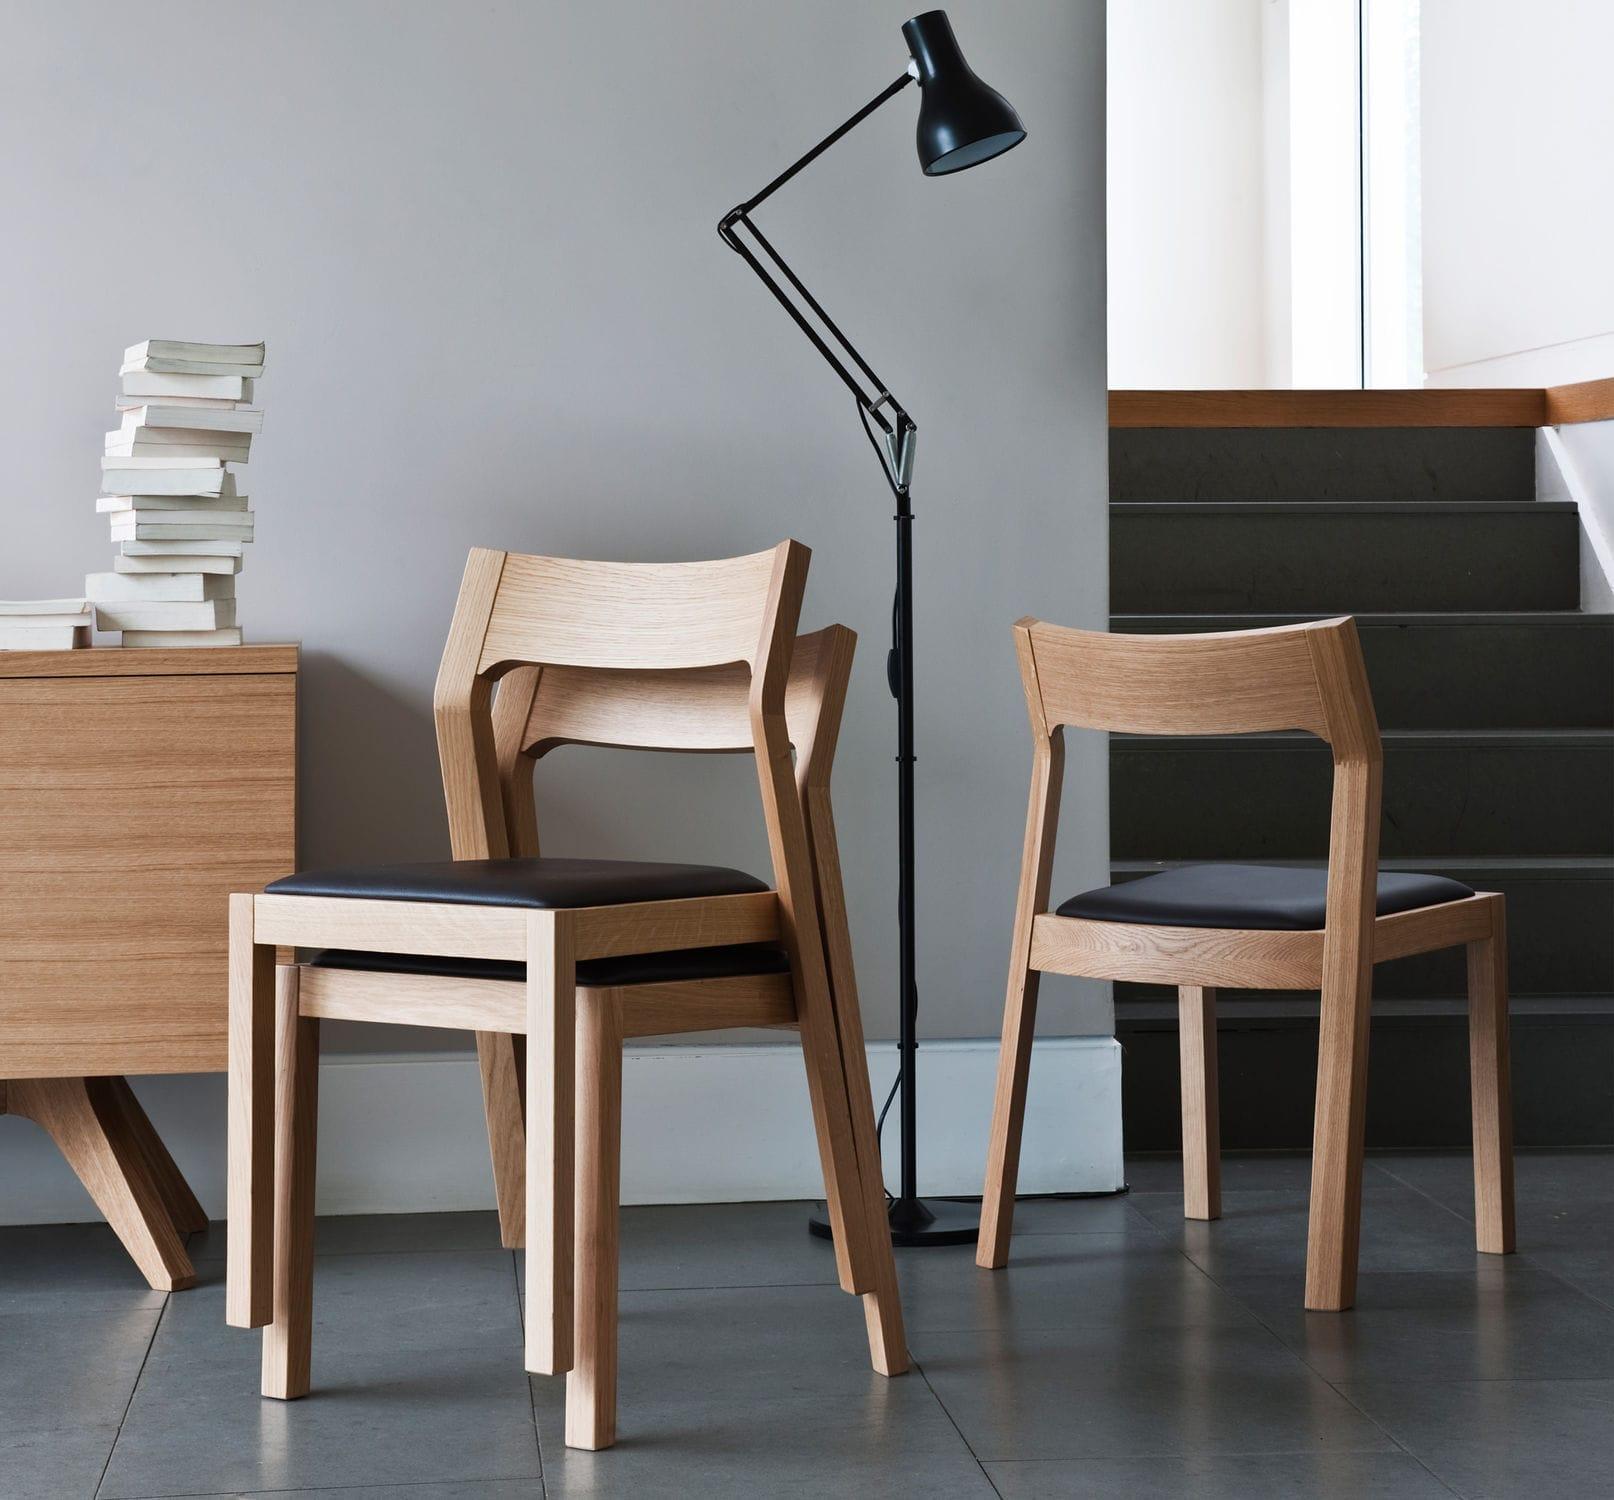 bois cuir Chaise contemporaine en empilable en 534ALRj